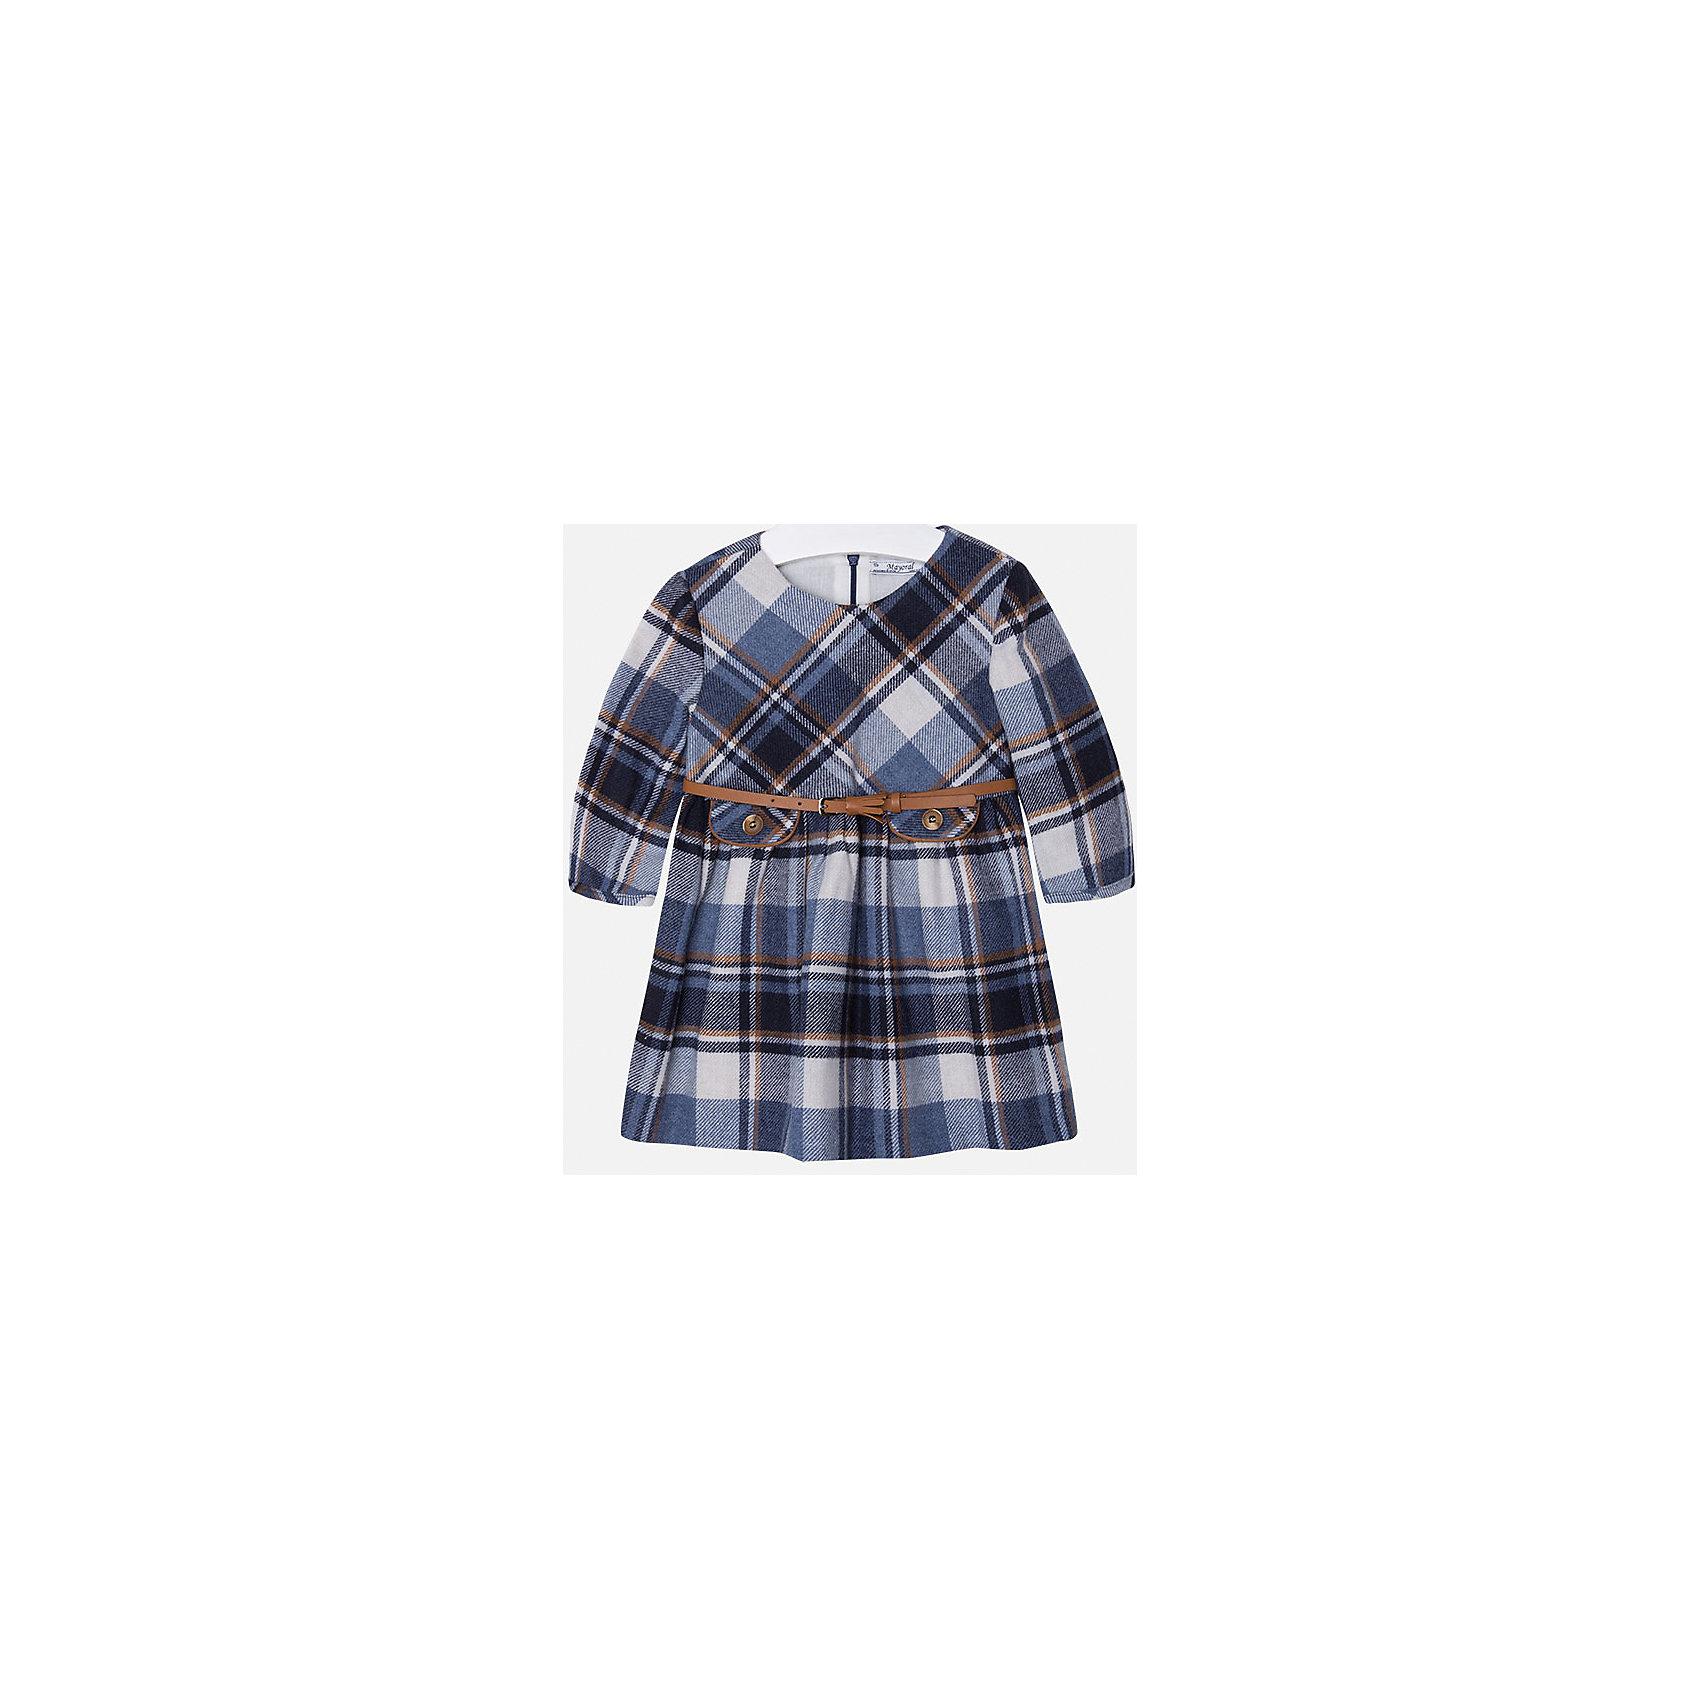 Платье для девочки MayoralПлатье торговой марки Mayoral выполнено в классическом стиле и идеально подойдет маленькой моднице. Платье  имеет оригинальную расцветку- серо-голубую клетку. У платья есть  тоненький бежевый поясок. Сзади платье застегивается на застежку молнию, имеет длинный рукав. <br> <br>Дополнительная информация: <br><br>- цвет: темно-серый, синий <br>- состав: состав: верх - 67% полиэстер,33% хлопок, подкладка - 50% хлопок, 50% полиэстера <br>- вырез горловины: округлый<br>- длина рукава: длинные <br>- вид застежки:  застежка сзади<br>- тип карманов: без карманов<br>- уход за вещами: бережная стирка при 30 градусах<br>- назначение: повседневная<br>- конструктивные элементы: без разреза<br>- пол: девочки<br>- страна бренда: Испания<br>- страна производитель: Китай<br>- комплектация: платье<br><br>Платье для девочки торговой марки Mayoral можно купить в нашем интернет-магазине.<br><br>Ширина мм: 236<br>Глубина мм: 16<br>Высота мм: 184<br>Вес г: 177<br>Цвет: синий<br>Возраст от месяцев: 18<br>Возраст до месяцев: 24<br>Пол: Женский<br>Возраст: Детский<br>Размер: 92,98,116,128,110,122,104,134<br>SKU: 4844520